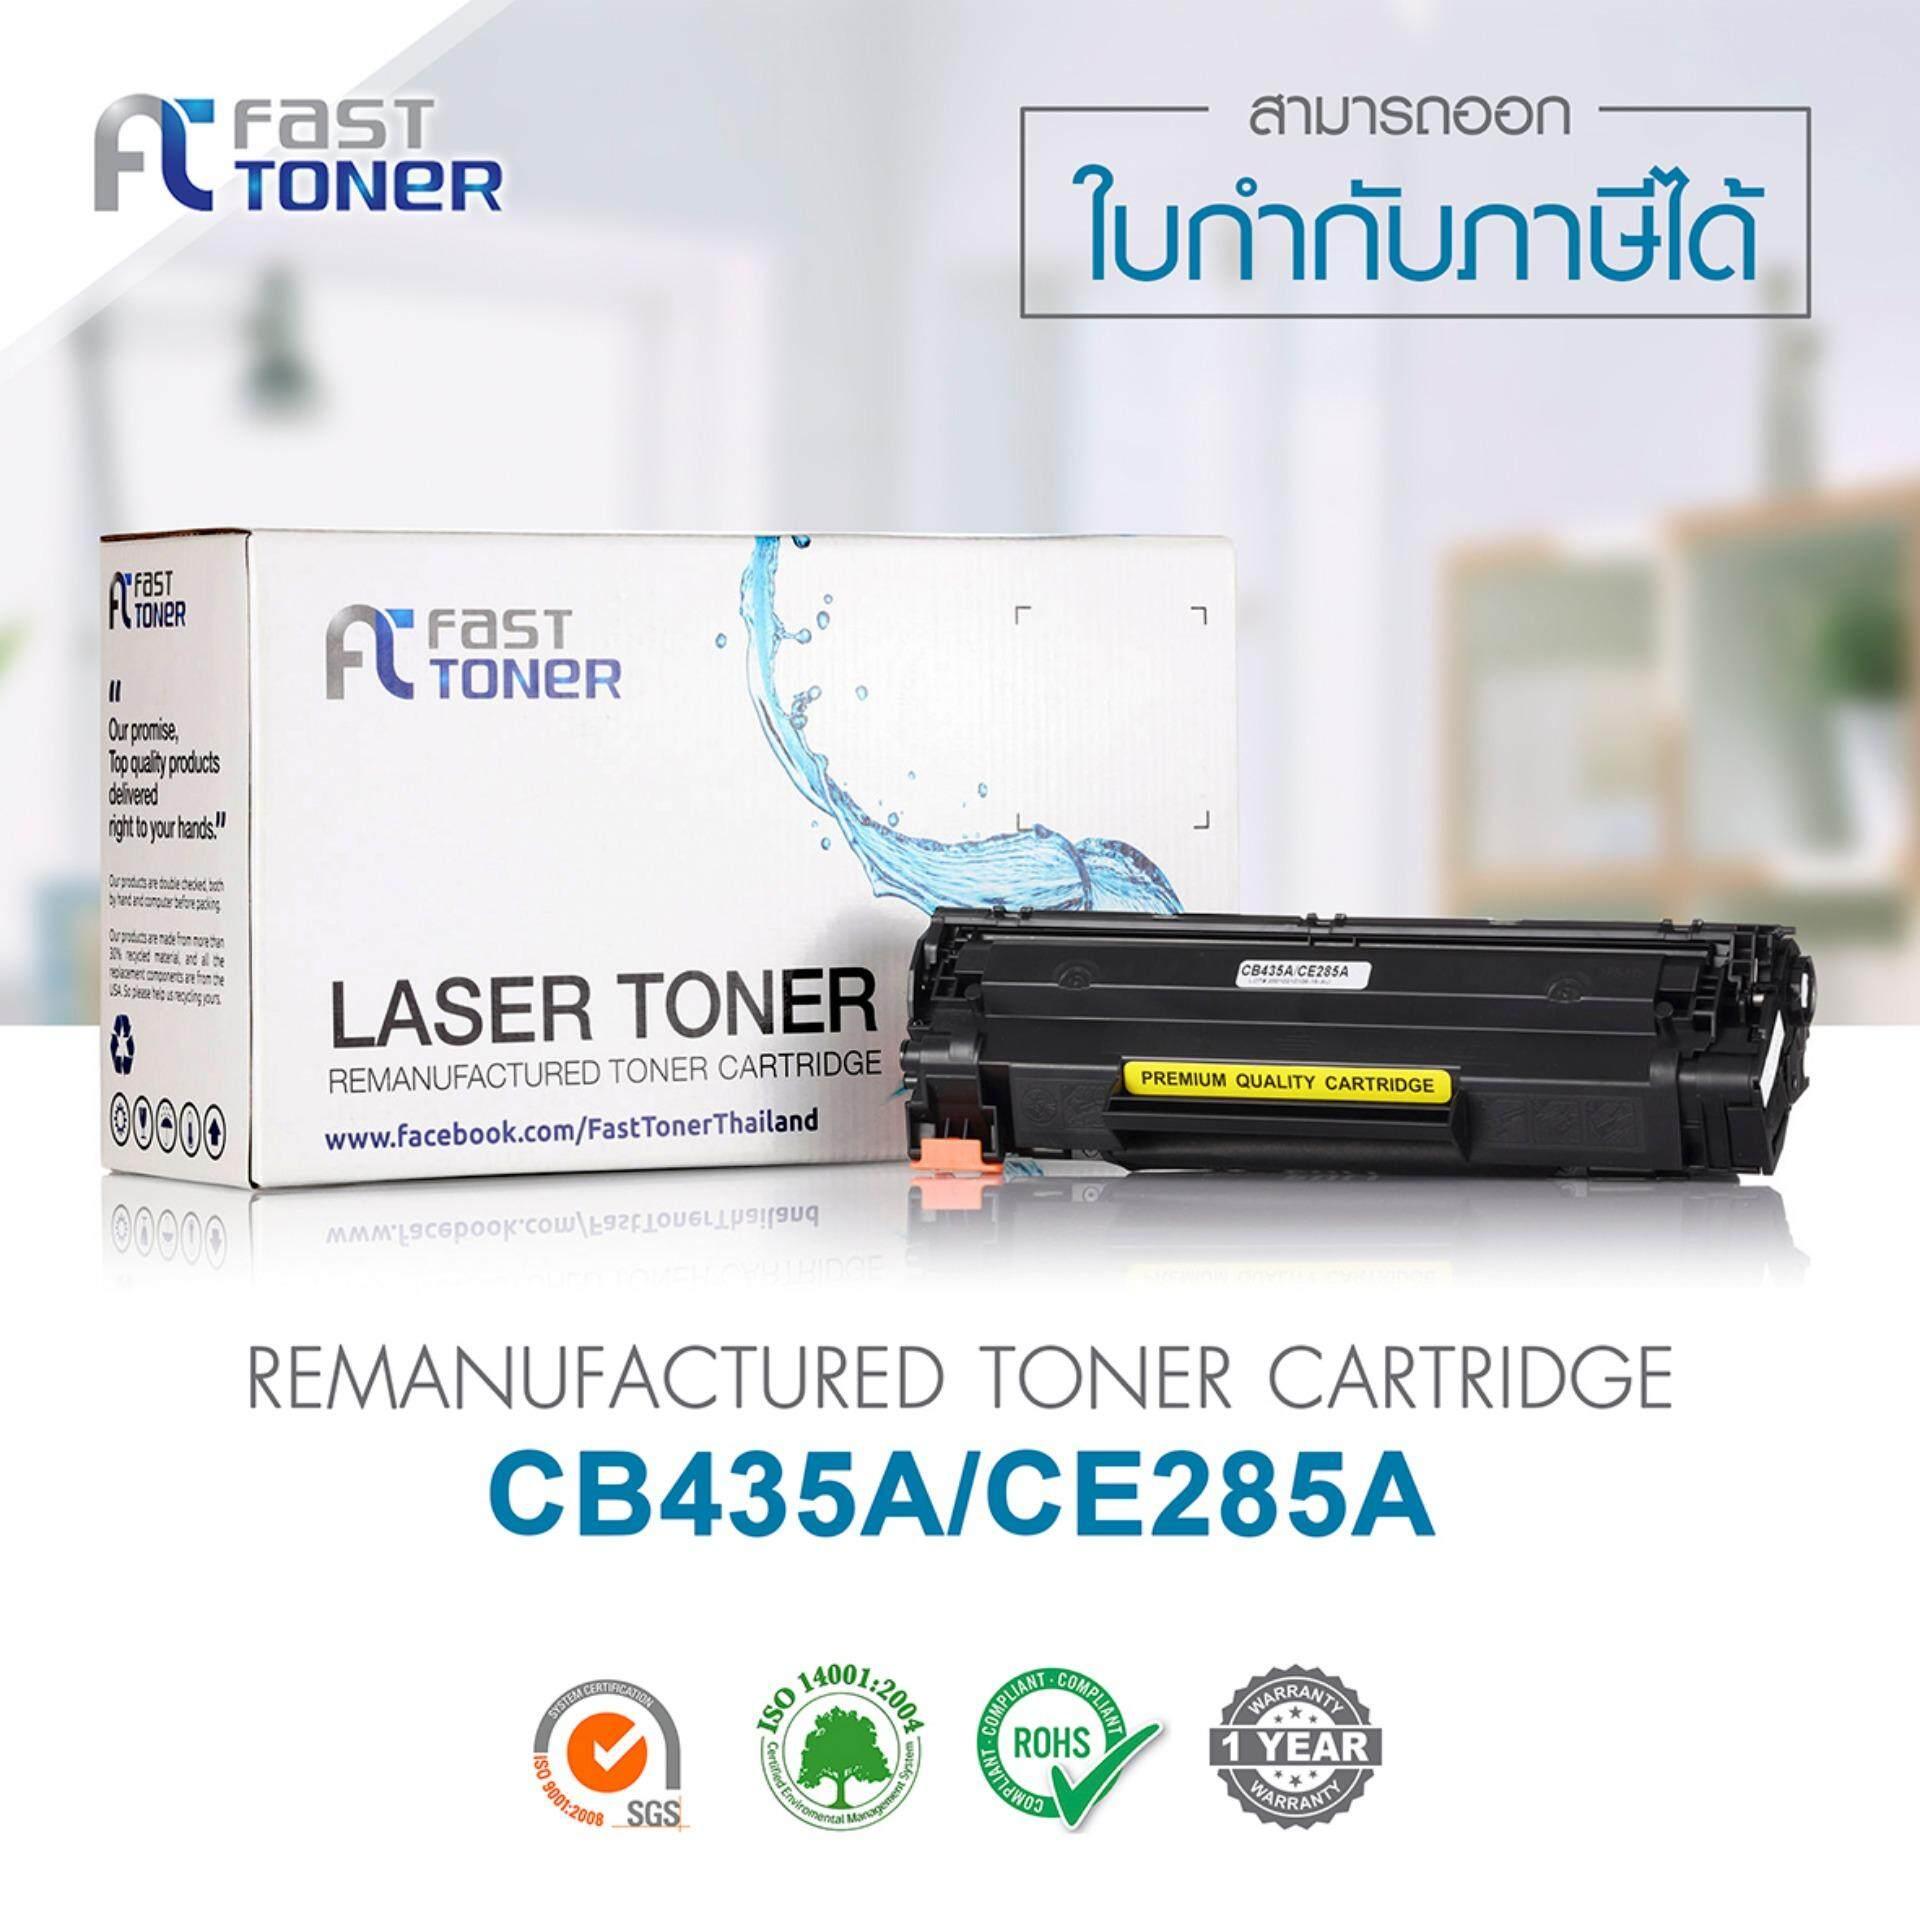 ราคา Hp Fast Toner ตลับหมึกเลเซอร์ 85A รุ่น Ce285A Black Hp Ink And Toner Cartridge เป็นต้นฉบับ